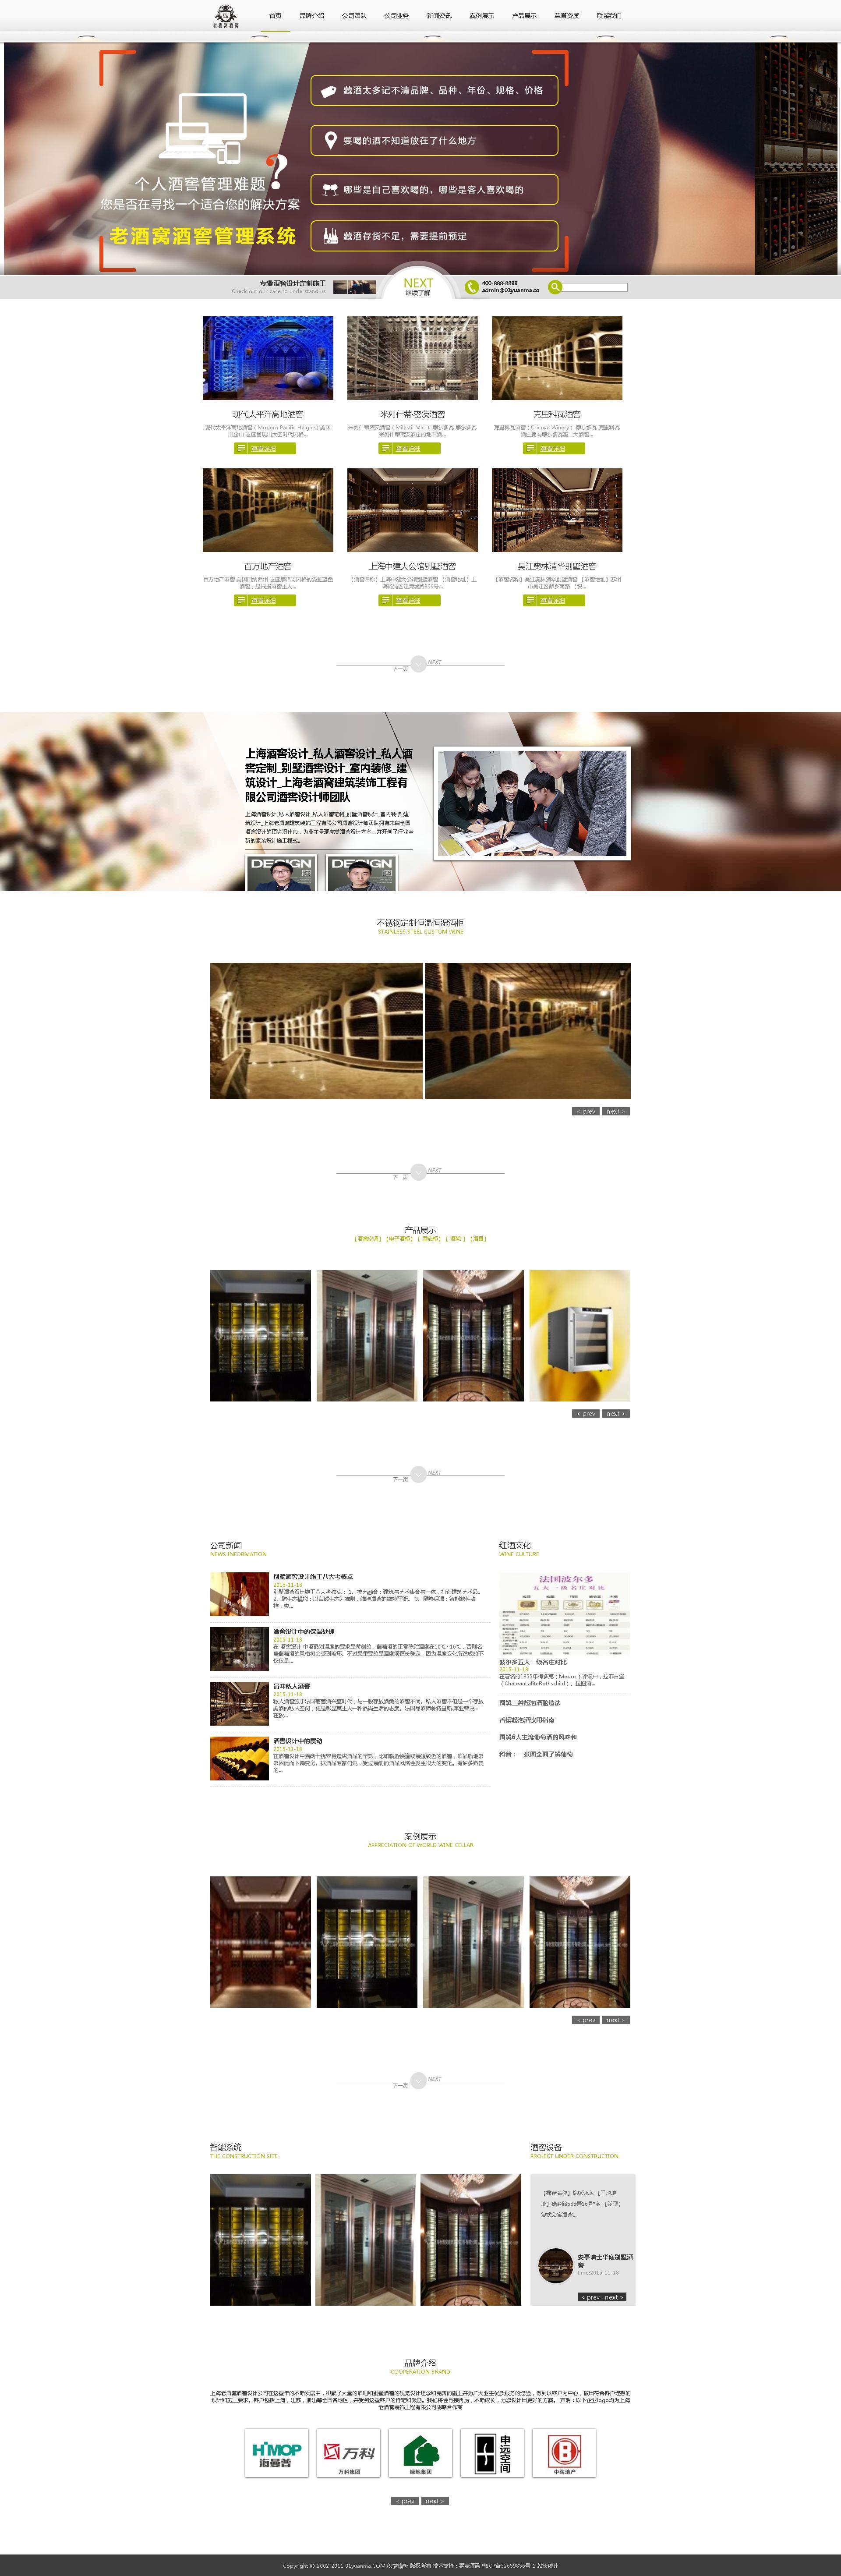 酒窖酒庄产品展示设计公司织梦dedecms模板